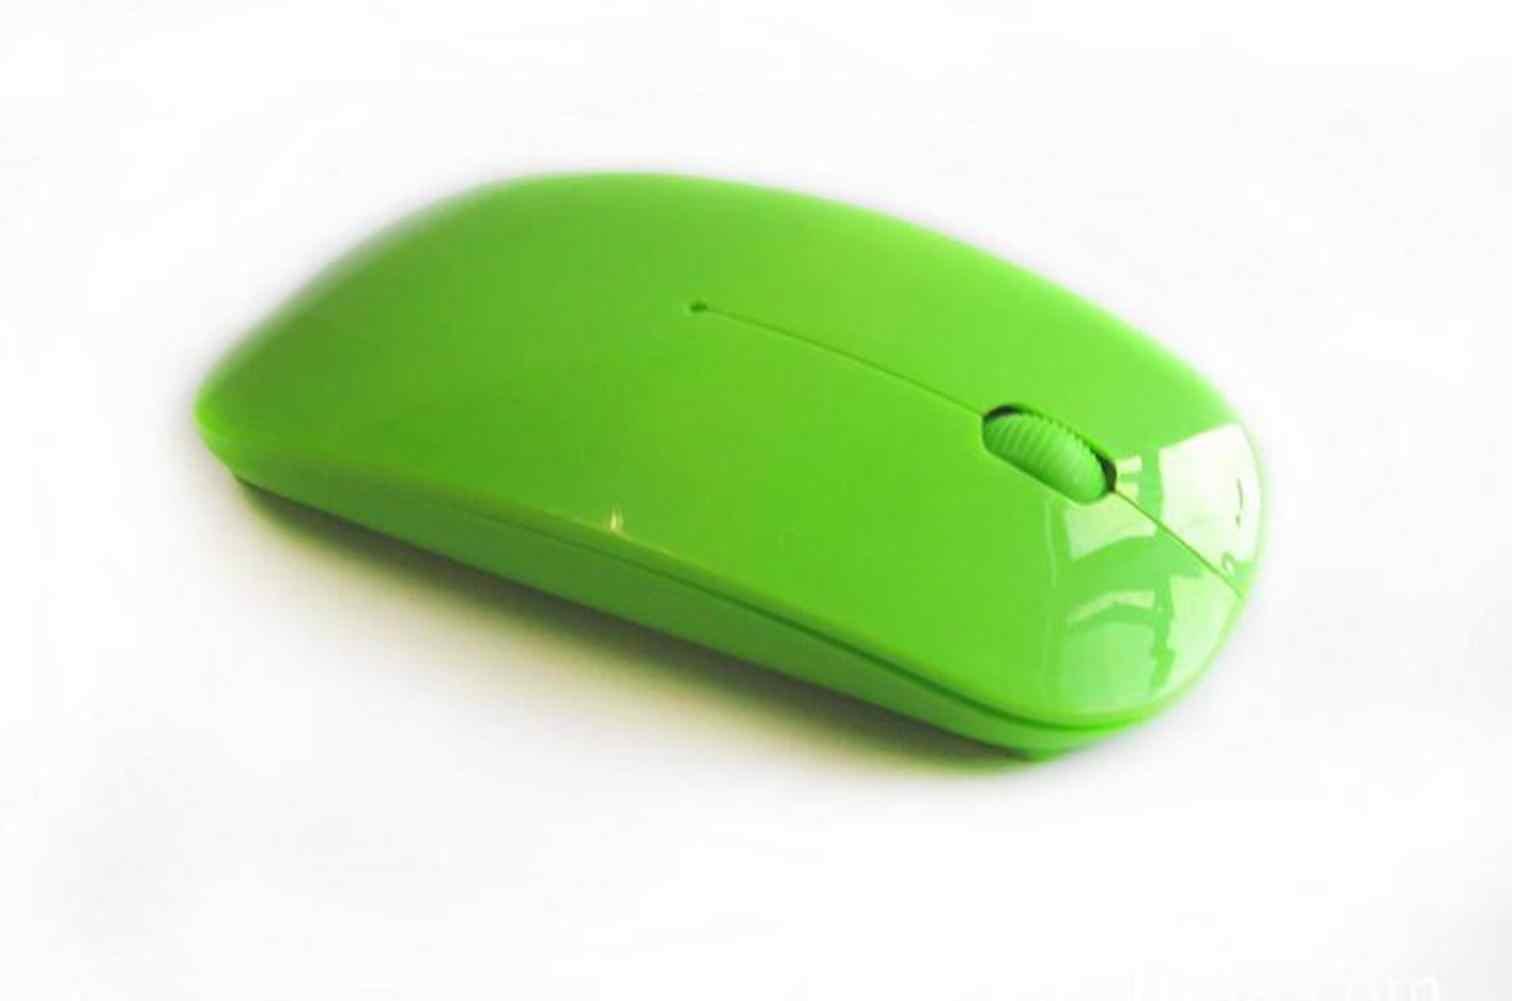 EastVita Gebogene Wireless 2,4 GHz Optische Dünne Maus Weiß Rosa 2,4 GHz USB Optische Drahtlose Maus für laptop und desktop r60